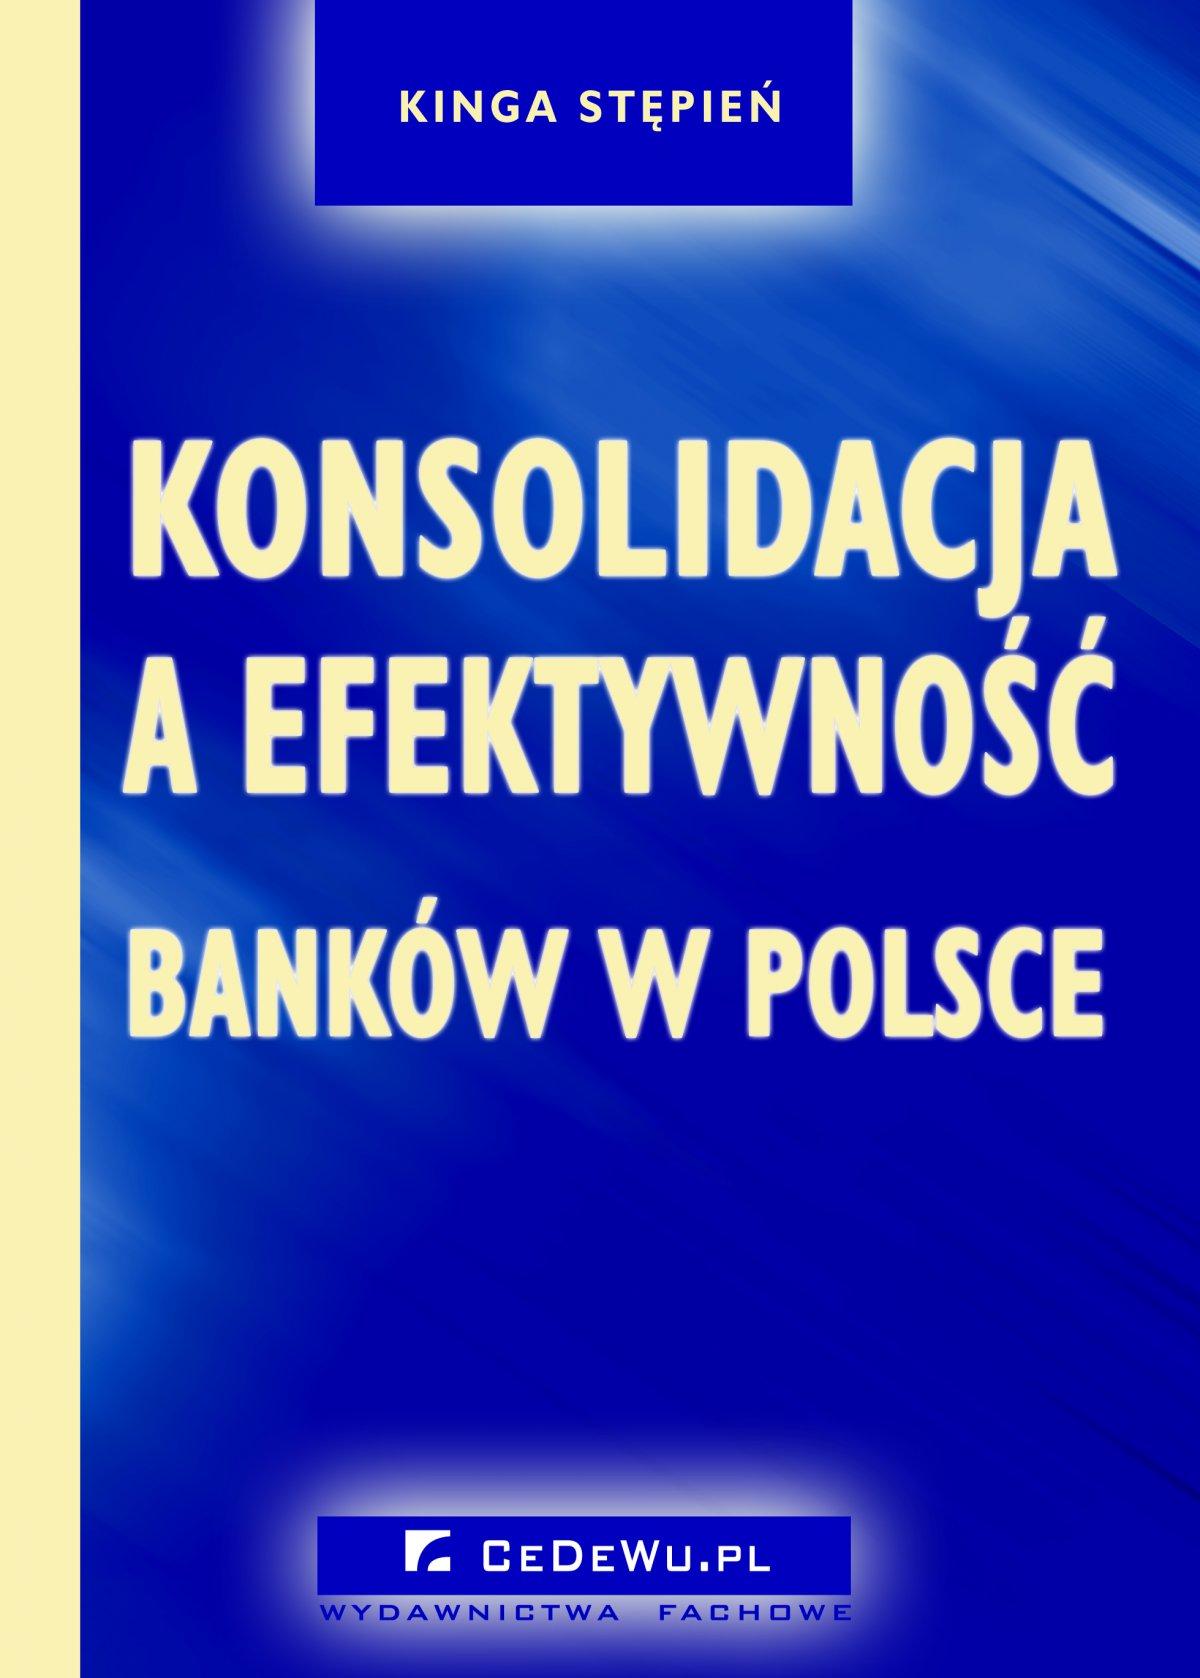 Konsolidacja a efektywność banków w Polsce. Rozdział 1. FUNKCJONOWANIE SEKTORA BANKOWEGO WE WSPÓŁCZESNEJ GOSPODARCE RYNKOWEJ - Ebook (Książka PDF) do pobrania w formacie PDF